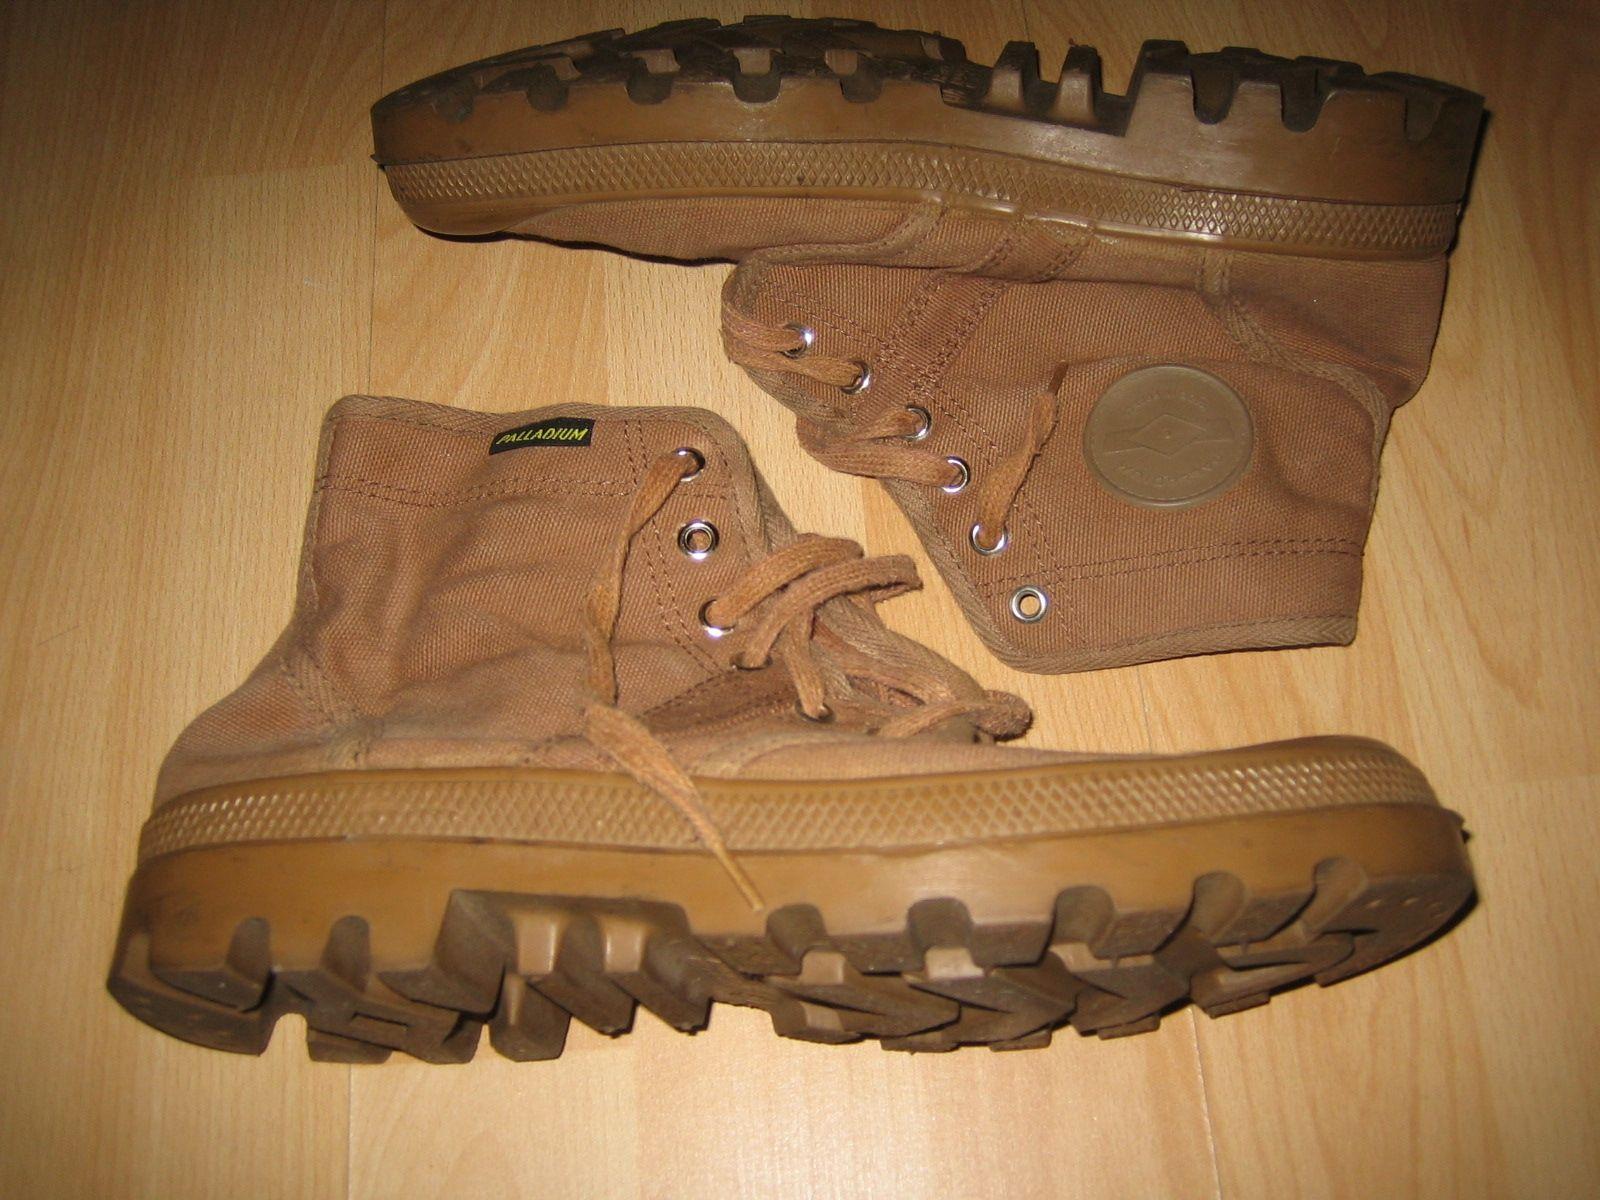 chaussures pataugas  e4c6483bc9d